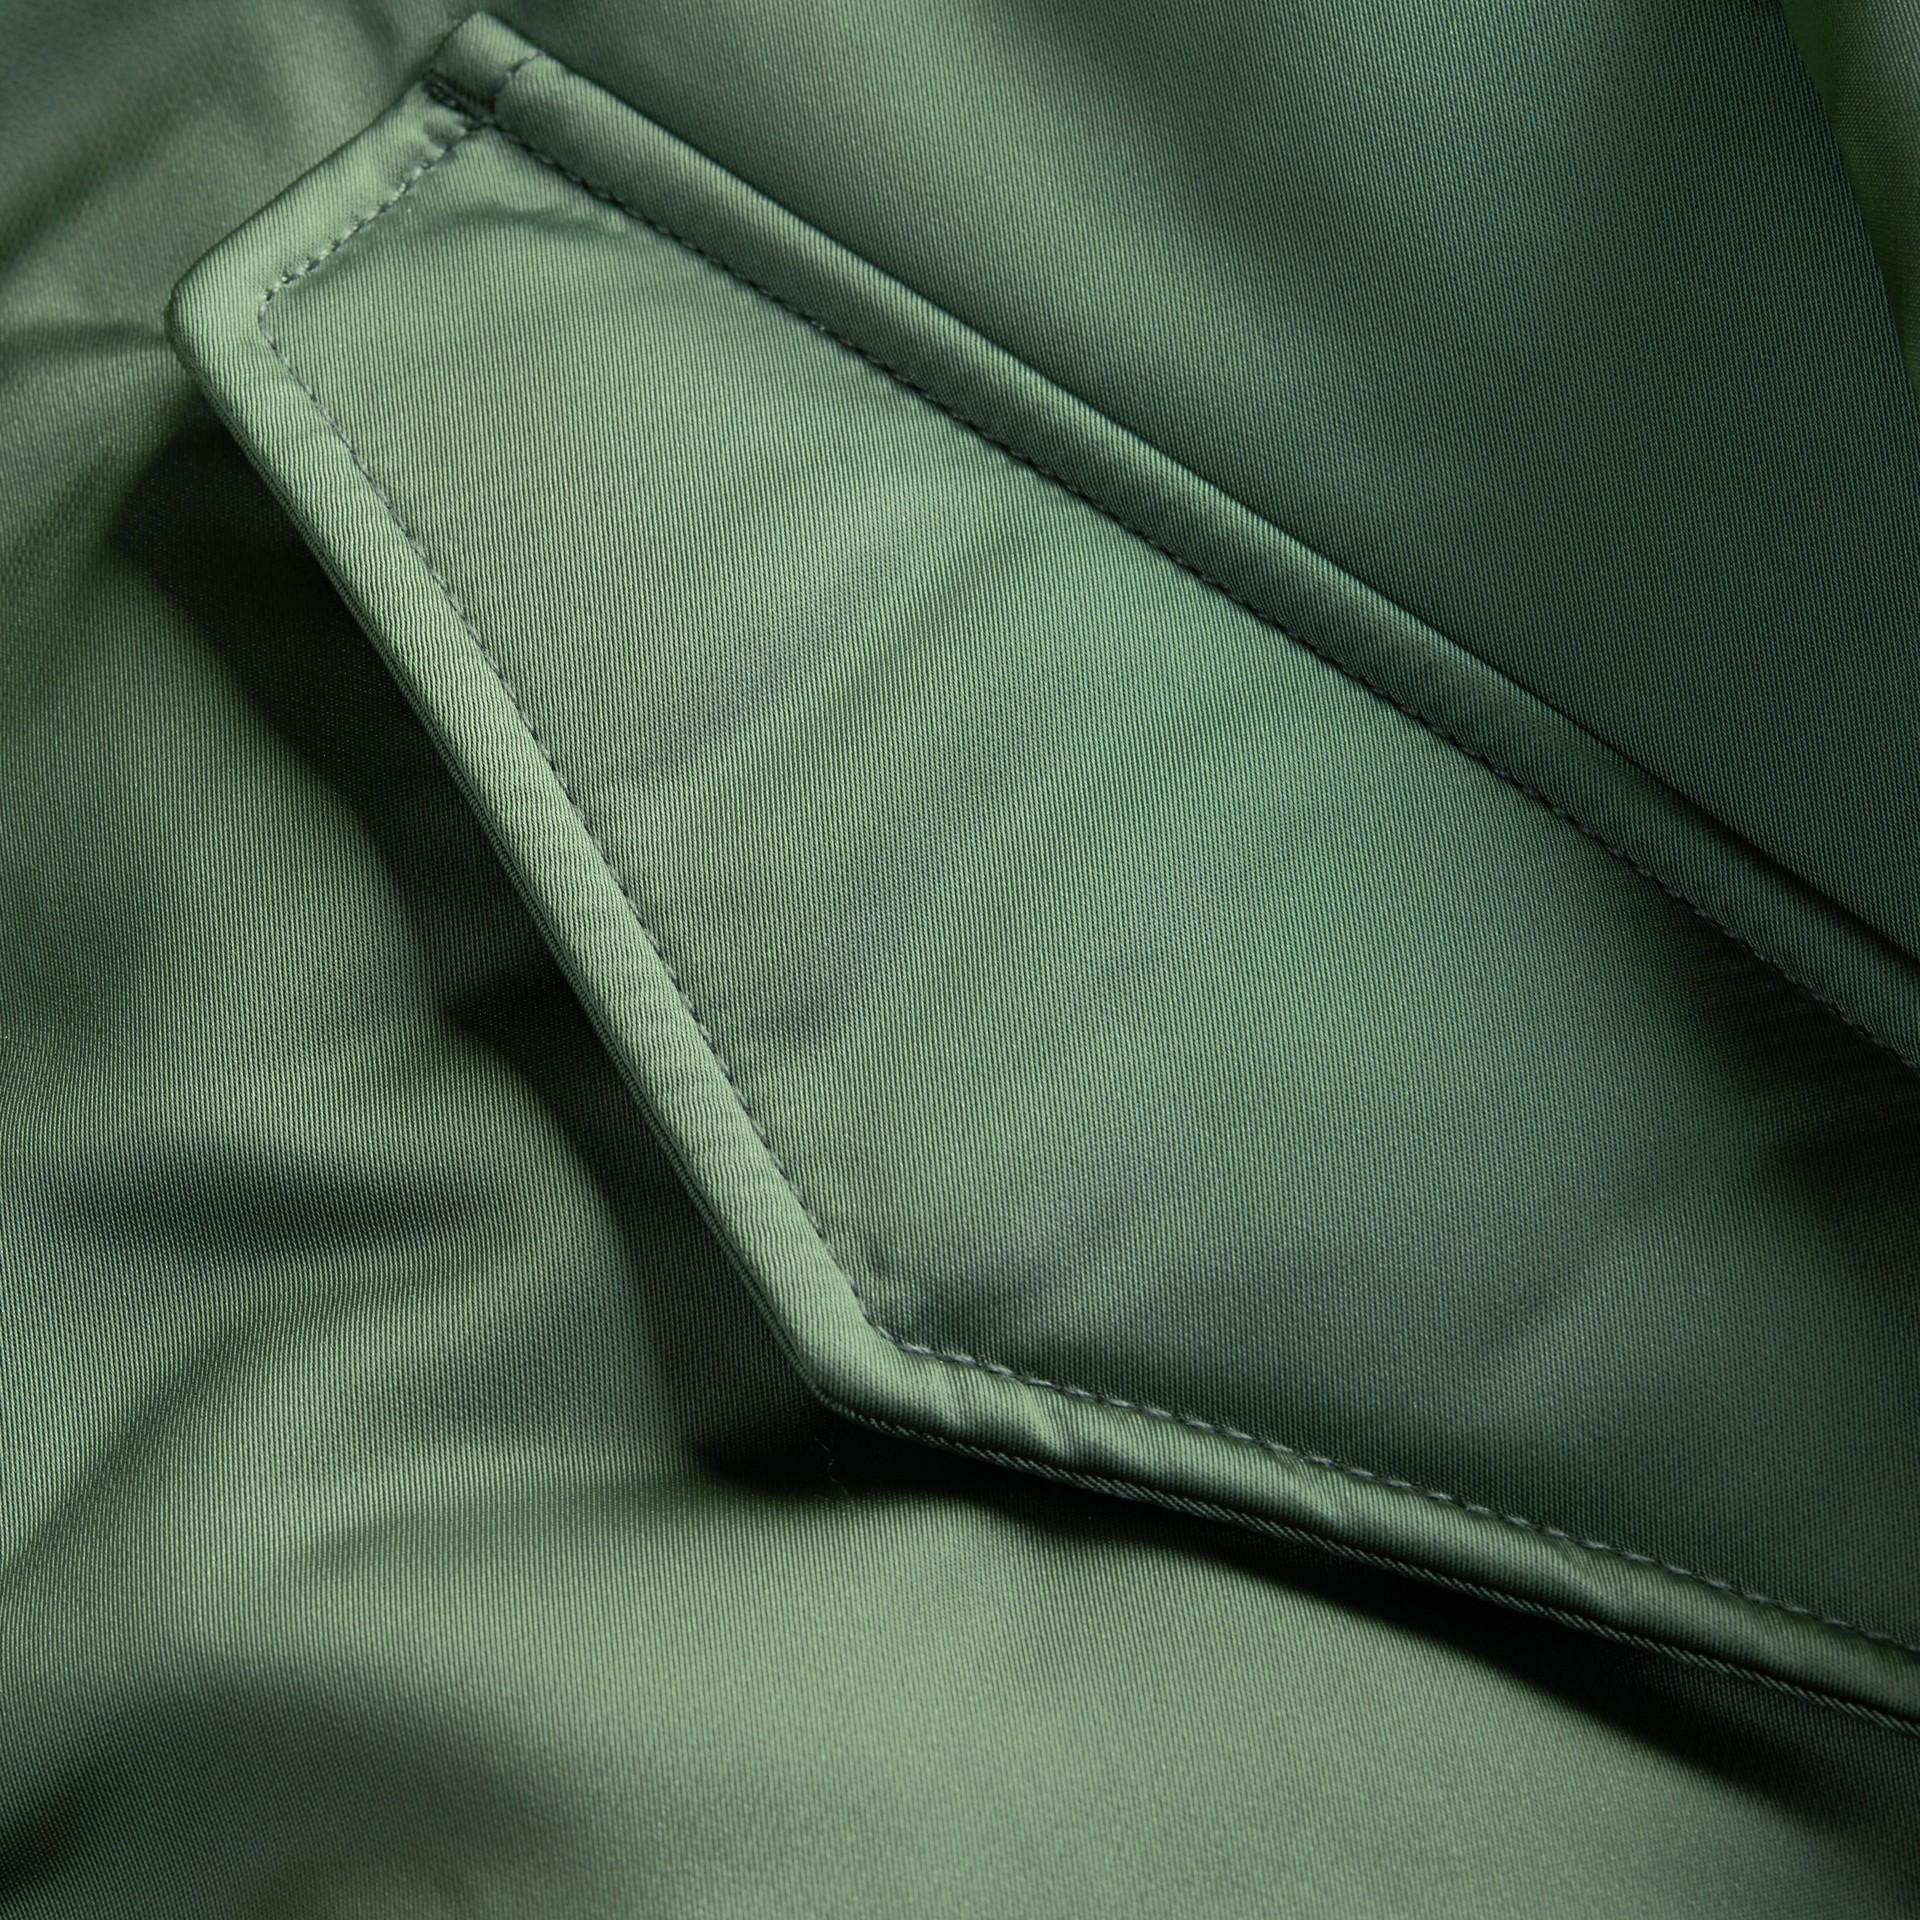 유칼립투스 그린 퍼 트리밍 후드 롱라인 새틴 보머 재킷 유칼립투스 그린 - 갤러리 이미지 2